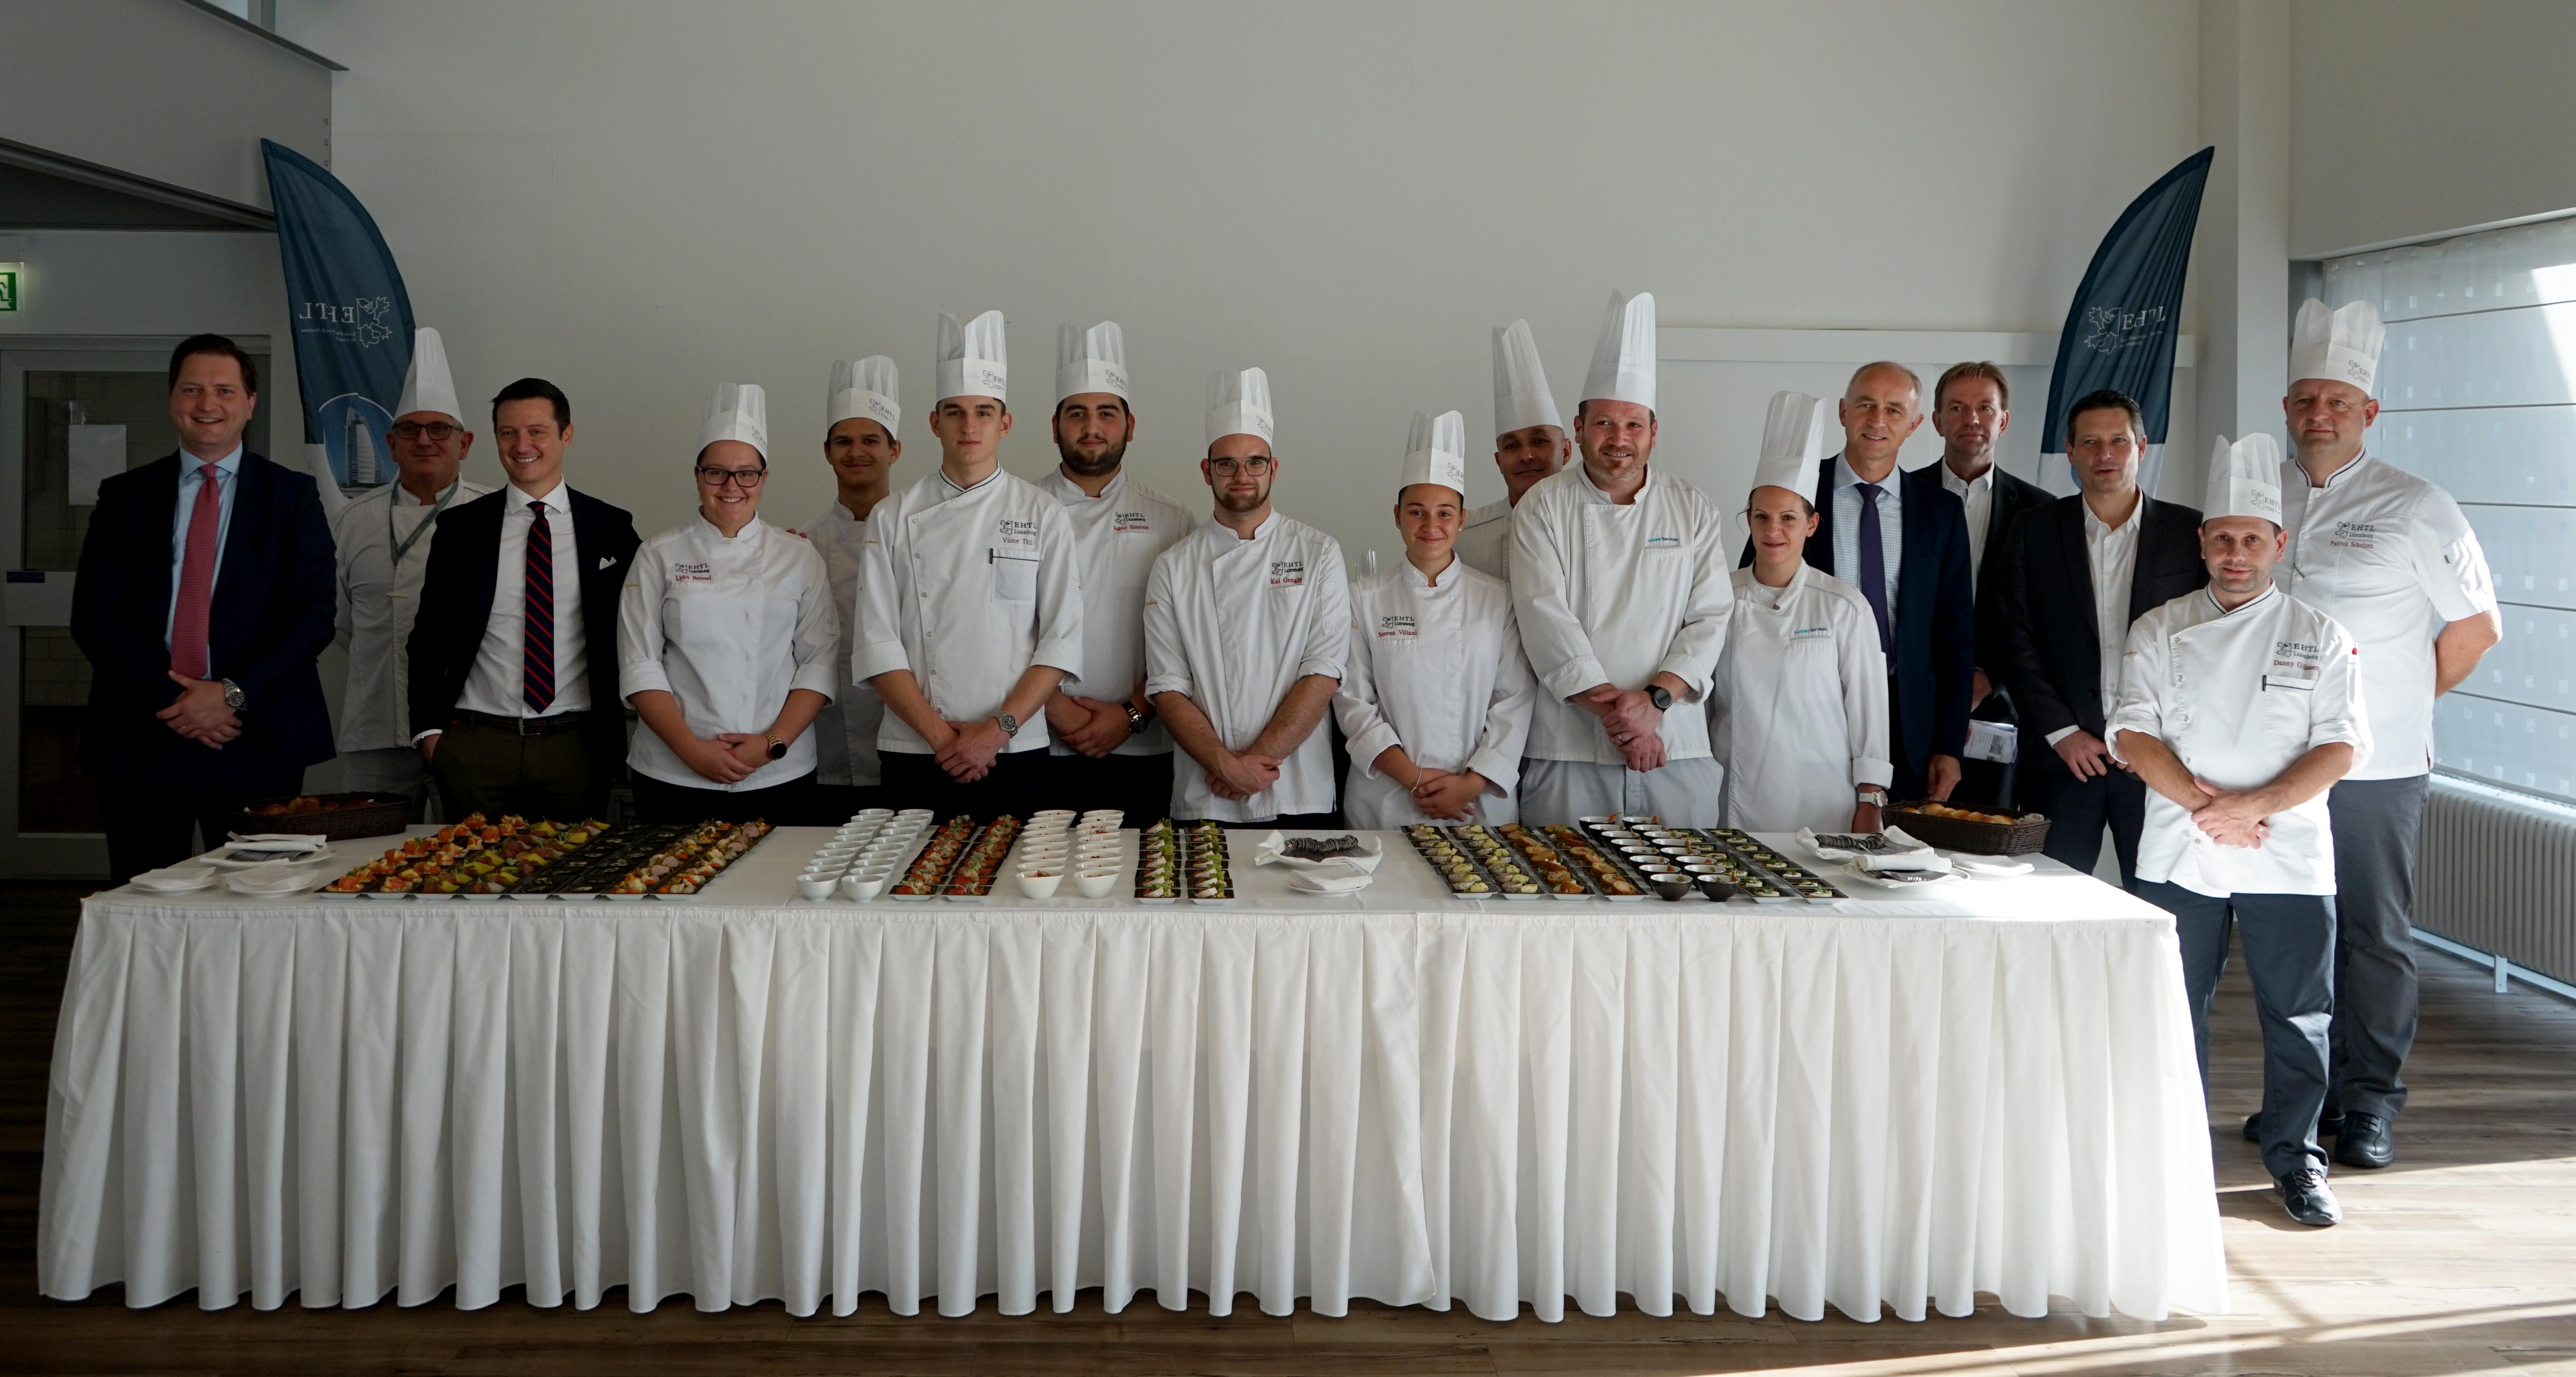 Luxair is renewing its Business Class menus, in collaboration with the École d'Hôtellerie et de Tourisme du Luxembourg